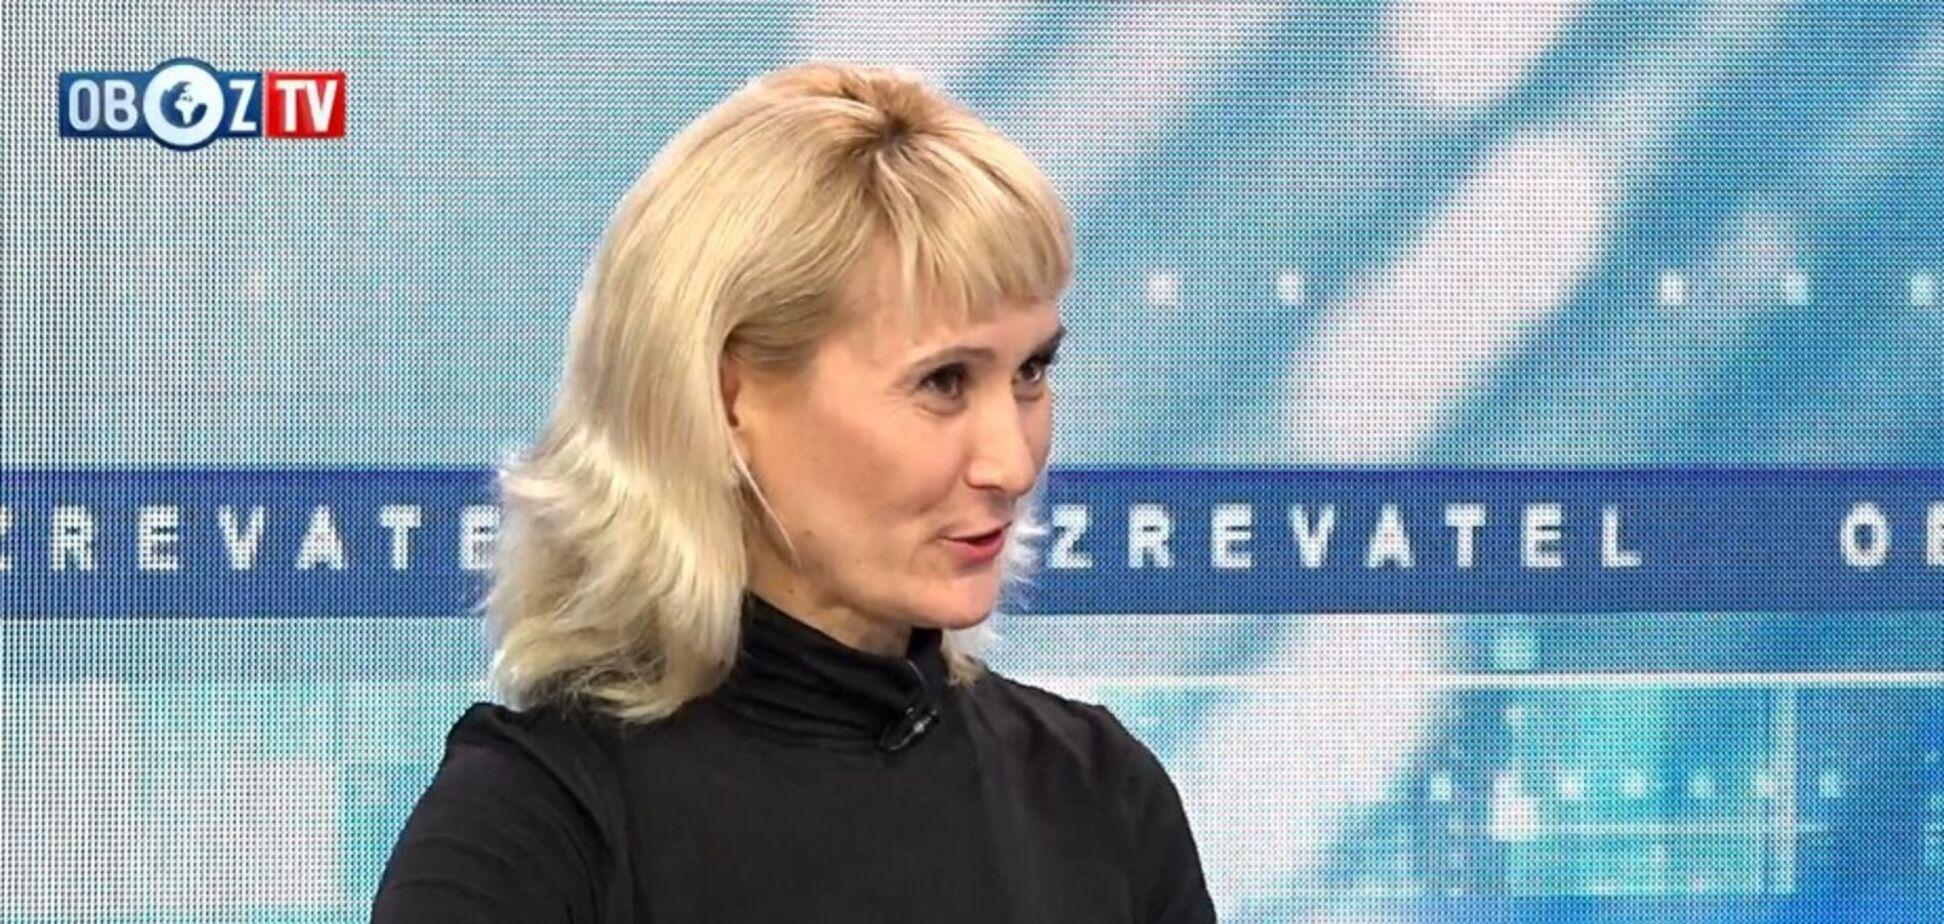 Звична концентрація шкідливих речовин або чим дихають українці